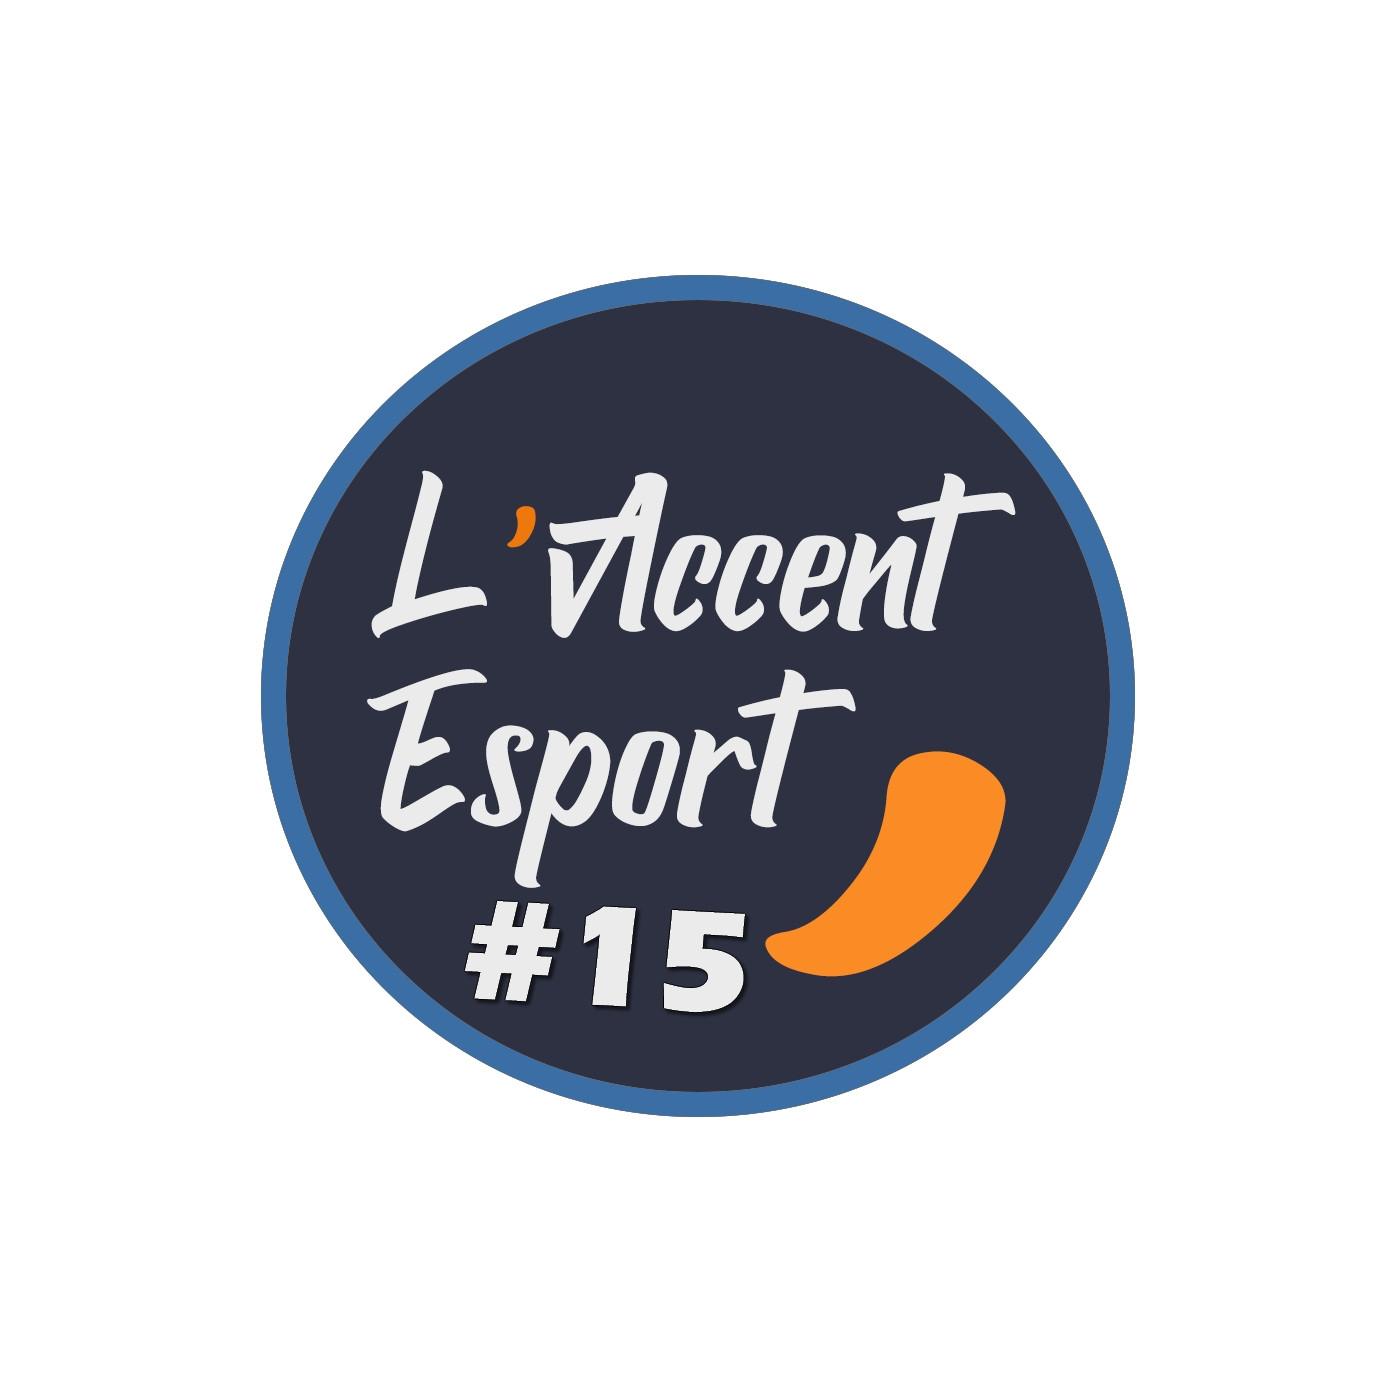 L'Accent Esport #15